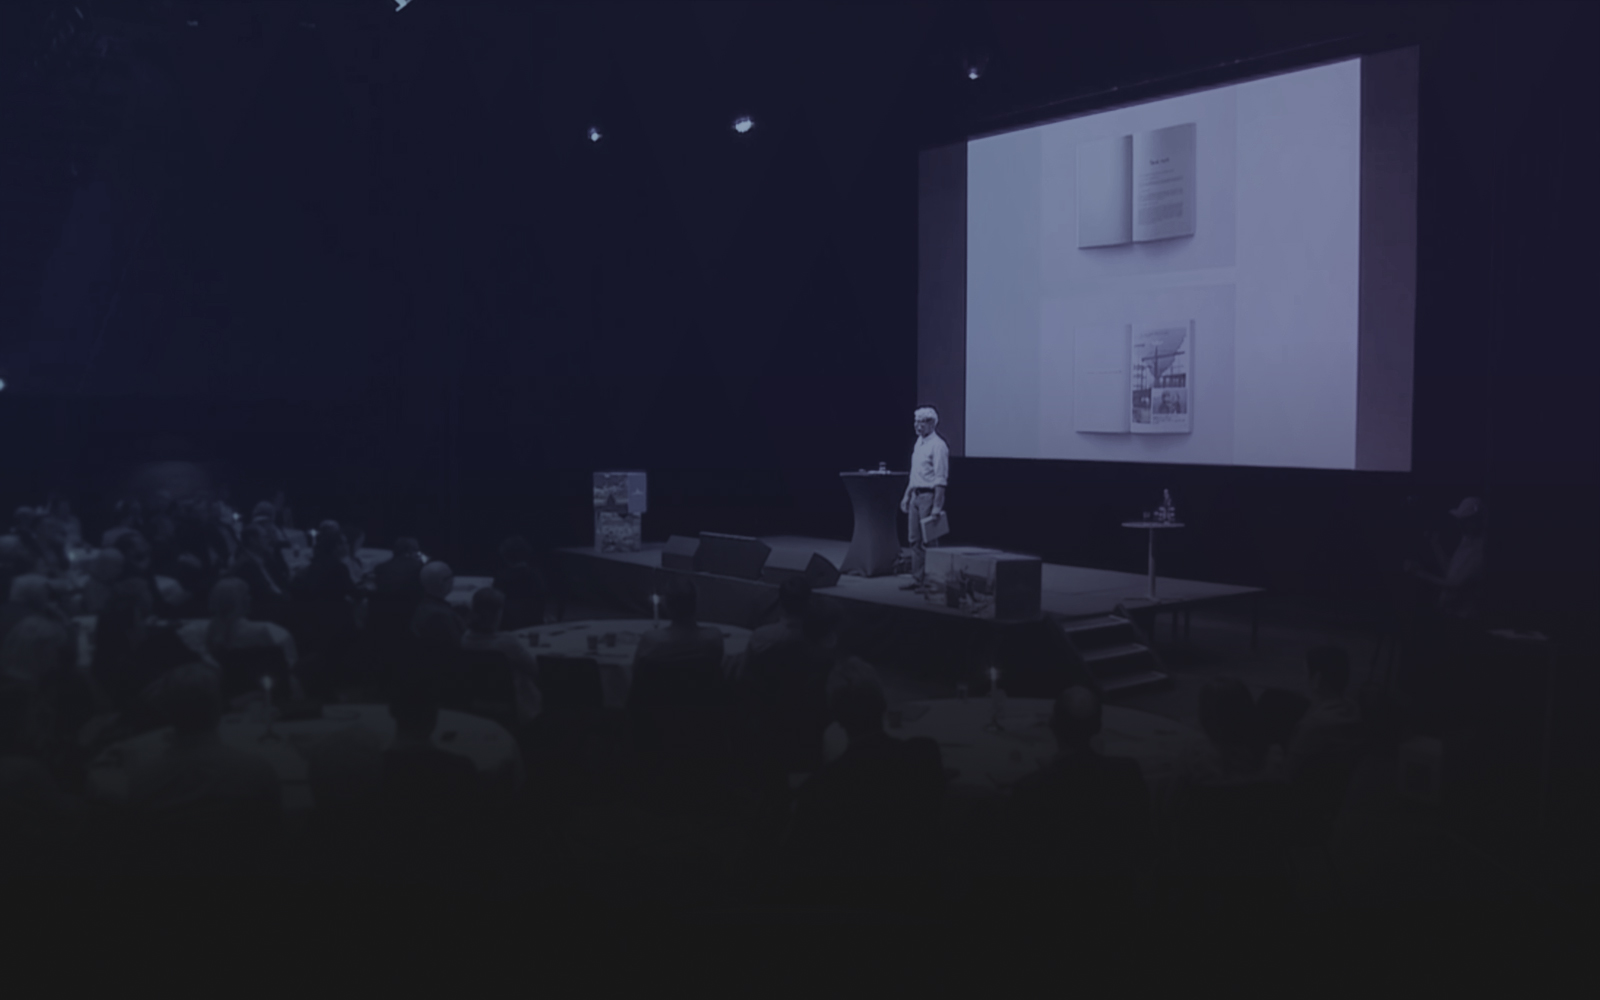 teknologikonferansen 2019